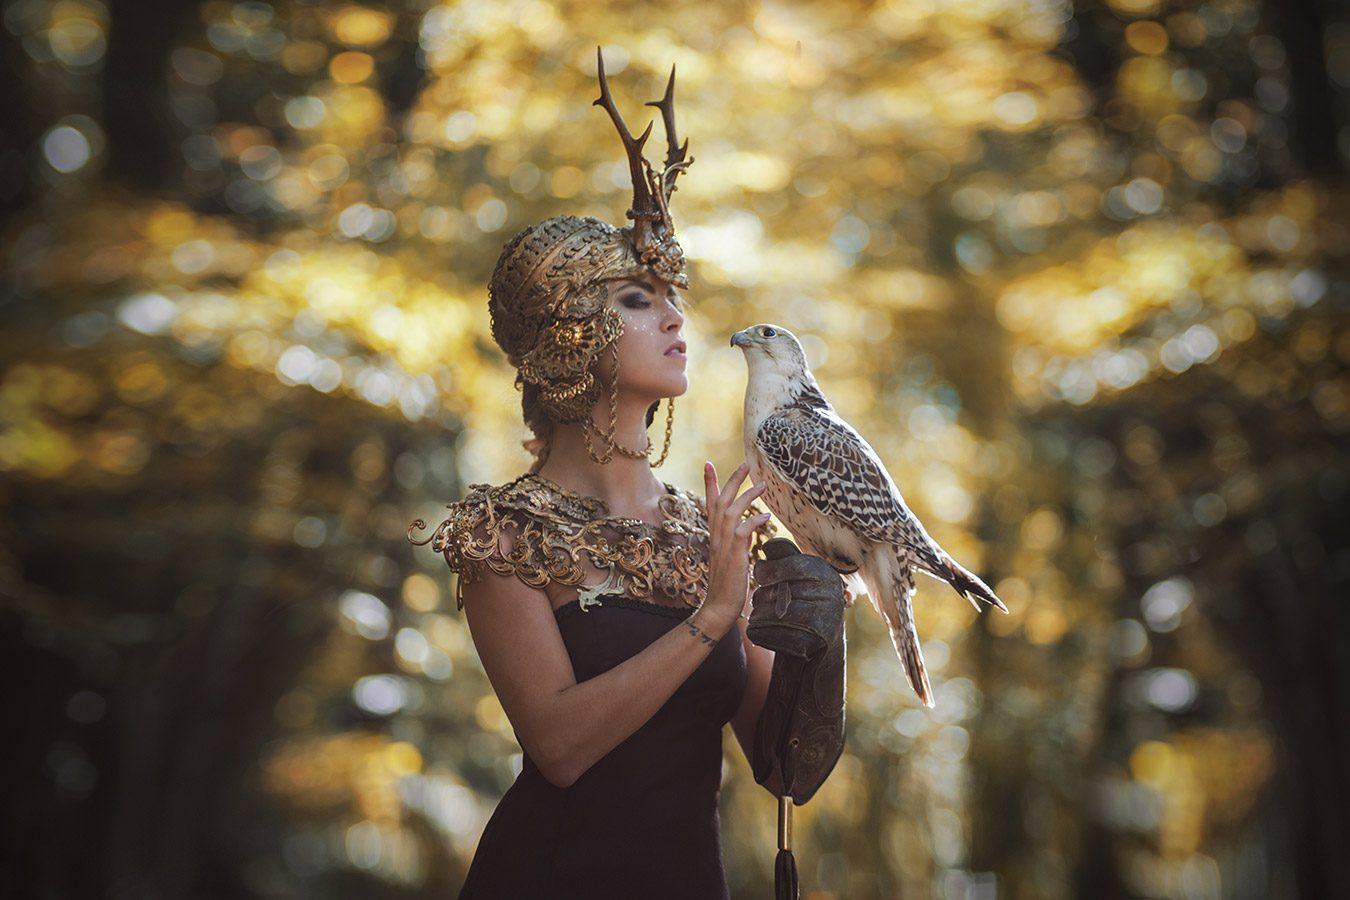 Model : Cassandra Pauchet (Cassy Mdele) // MUA Liv Laps (Make up By Liv Laps) // Coiffure : Emi Li ( Arsène) // Création bijoux : Martine Brun (Martine Brun Création Bijoux) // Robe : France Linger (Argothe Couture) // Merci au fauconnier et son magnifique faucon blanc.